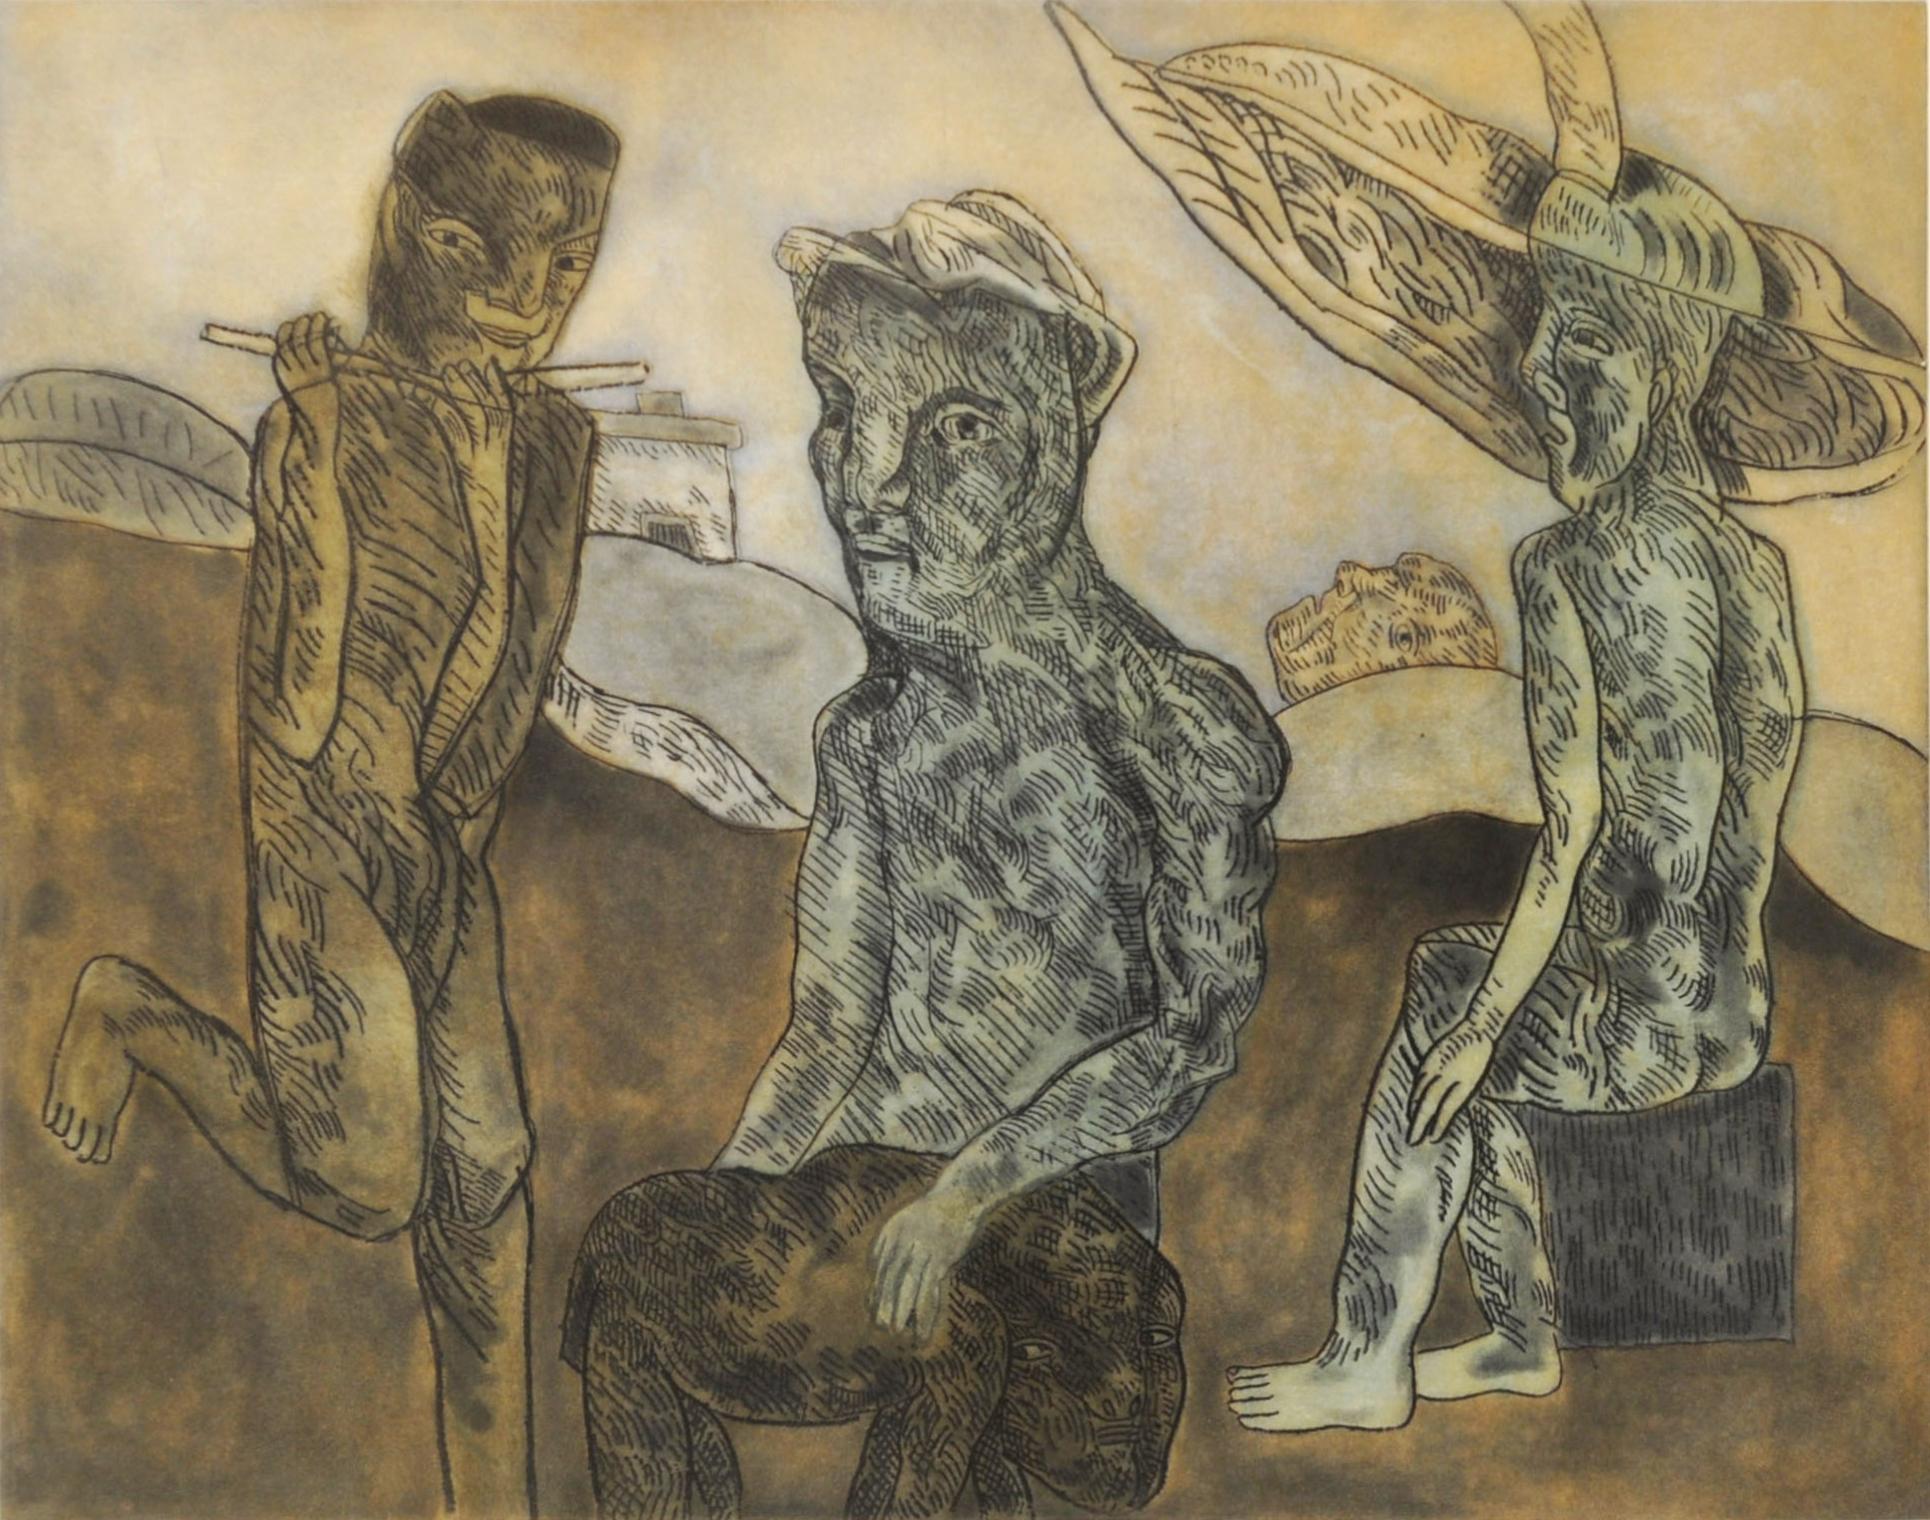 José Luis Cuervas - Galeria Nudo